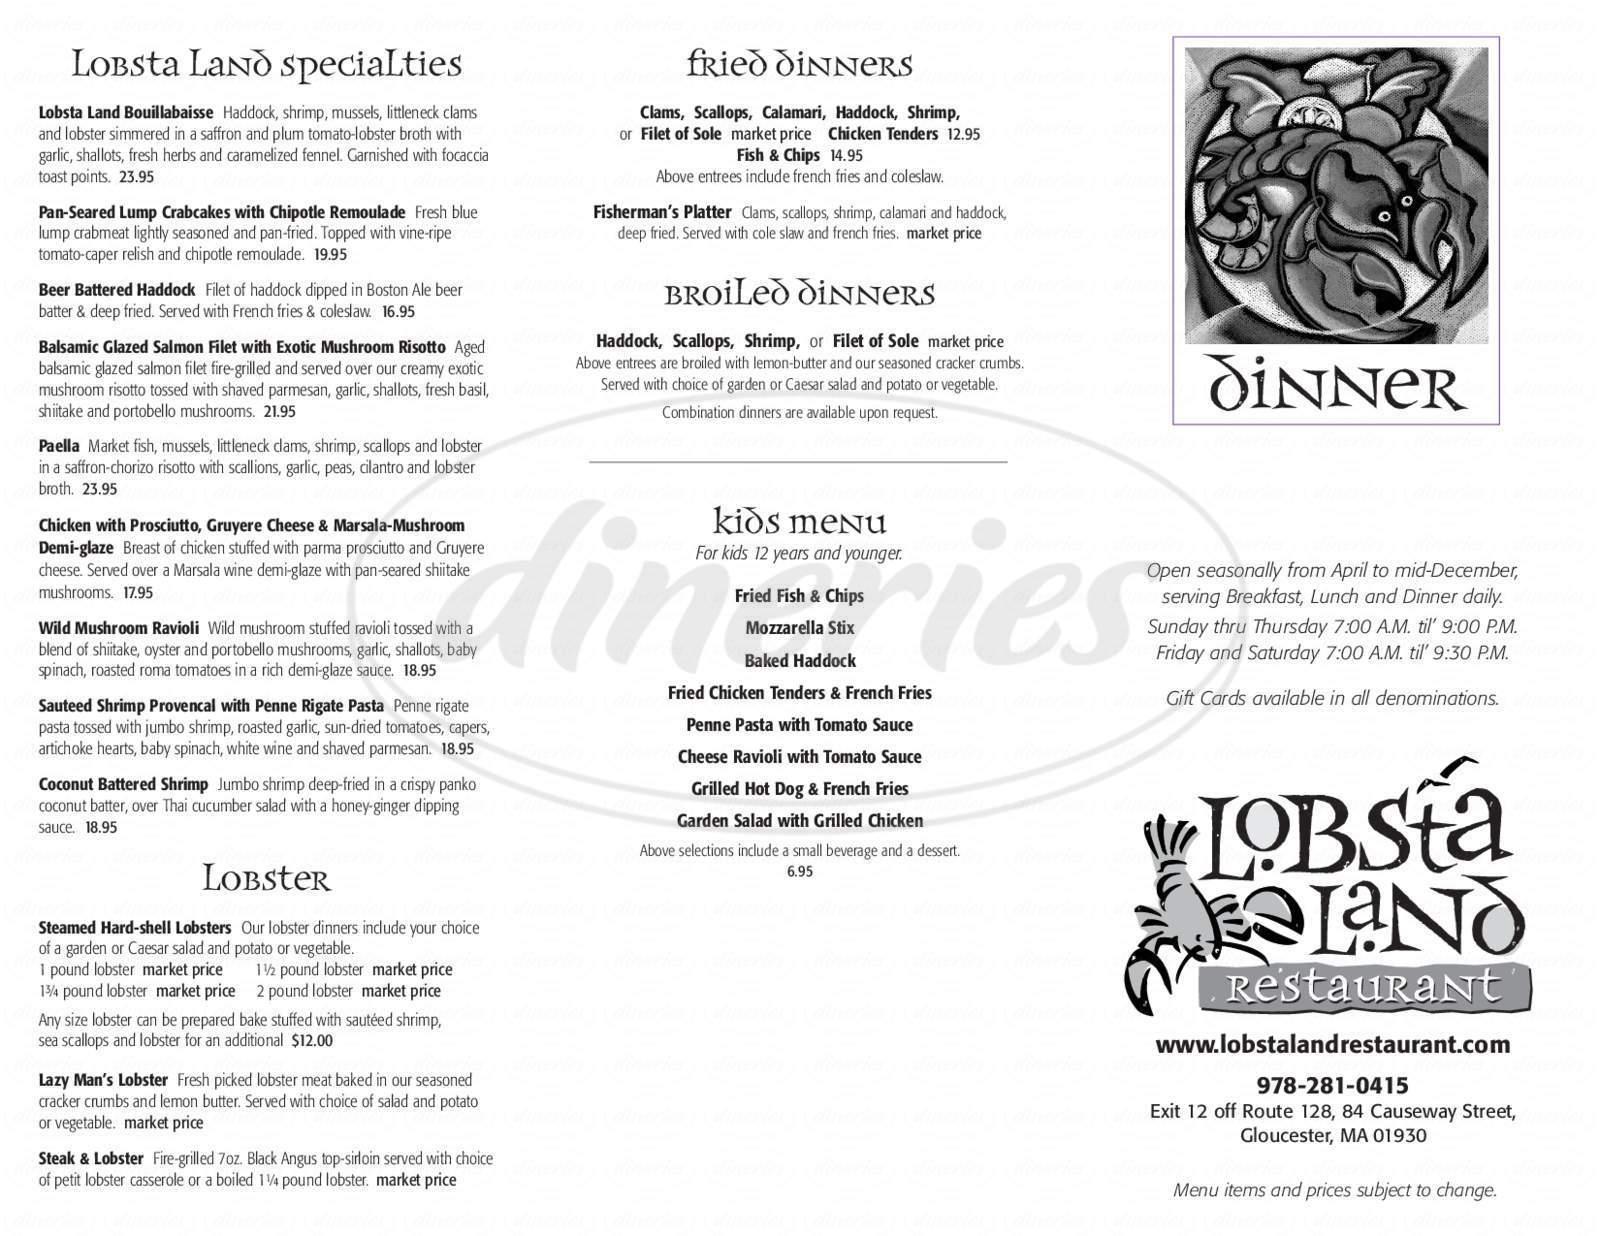 menu for Lobsta Land